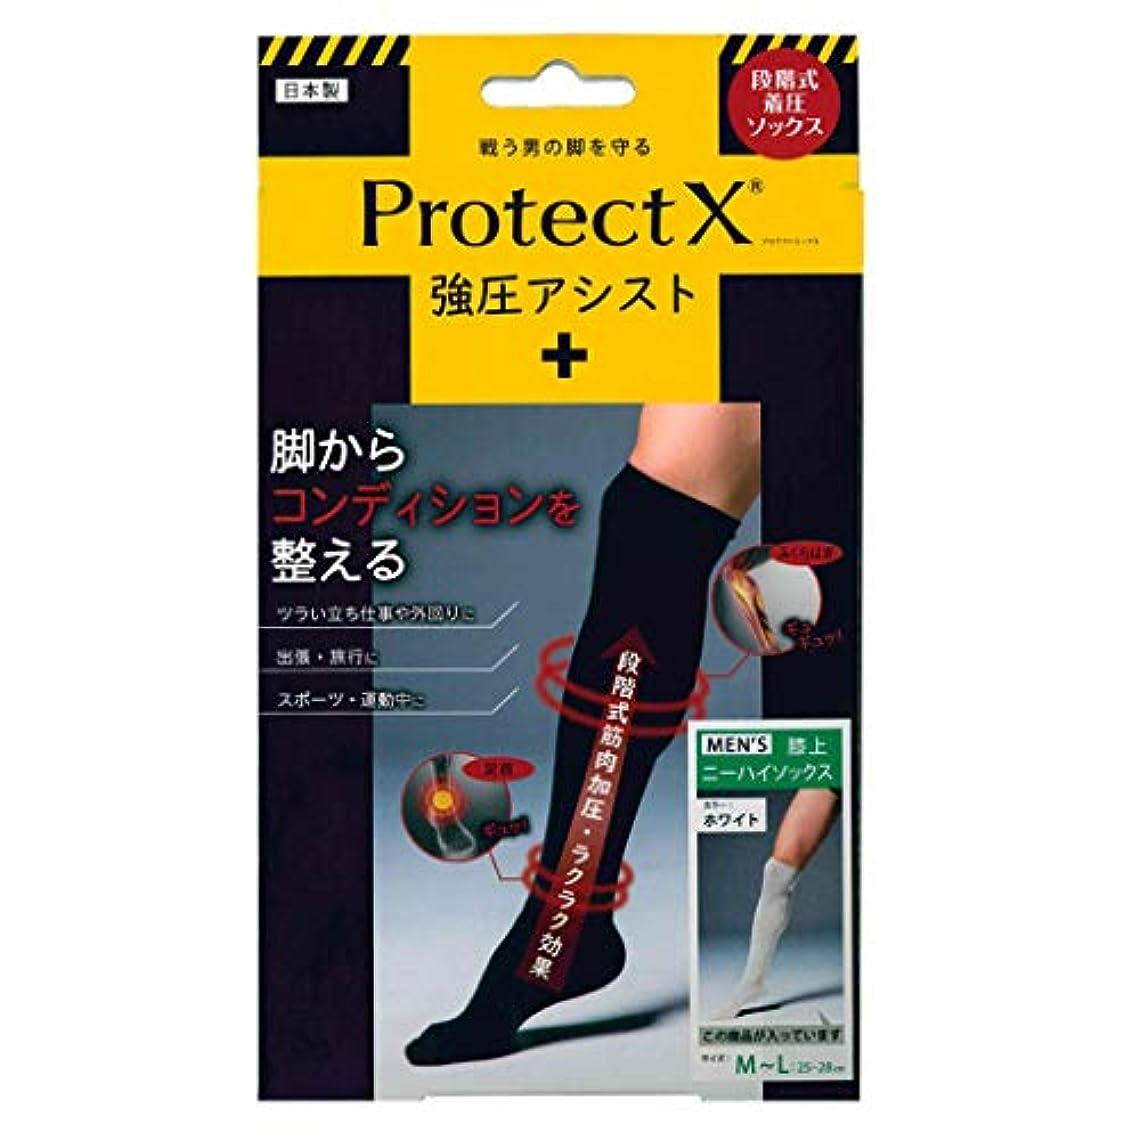 ページカメラ怠惰Protect X(プロテクトエックス) 強圧アシスト つま先あり着圧ソックス 膝上 M-Lサイズ ホワイト